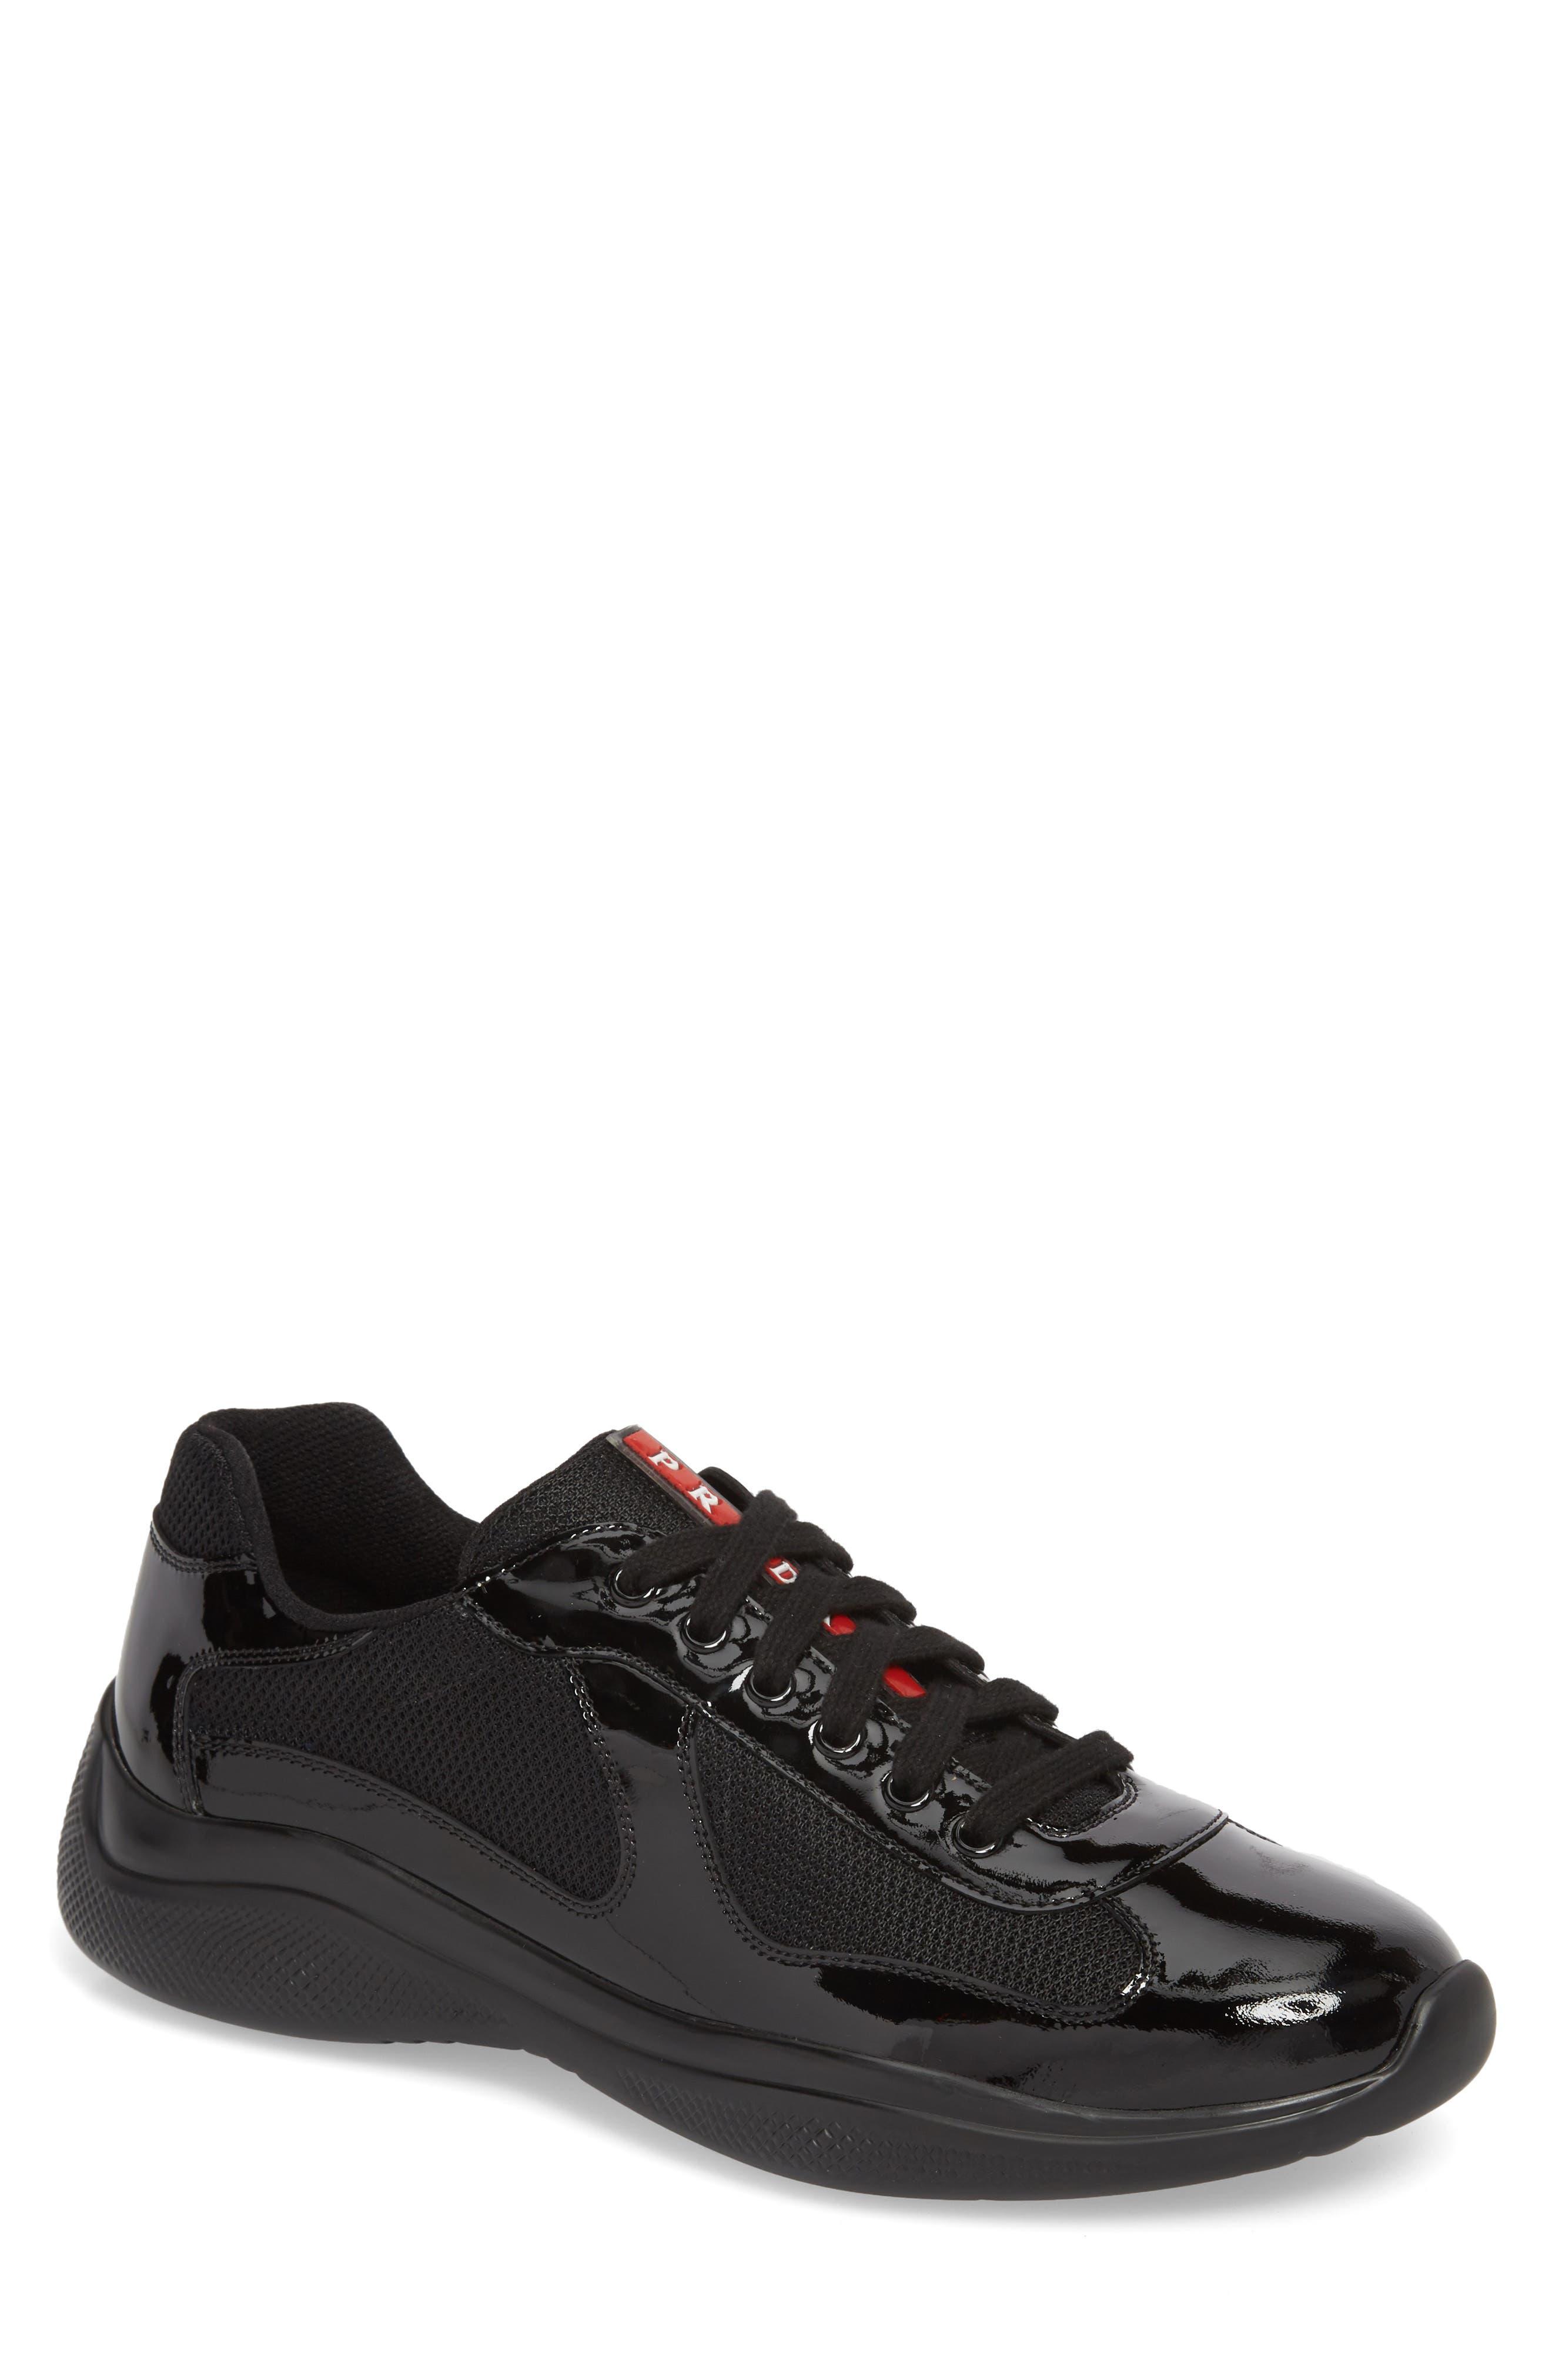 Americas Cup Sneaker,                         Main,                         color, NERO/ ARGENTO